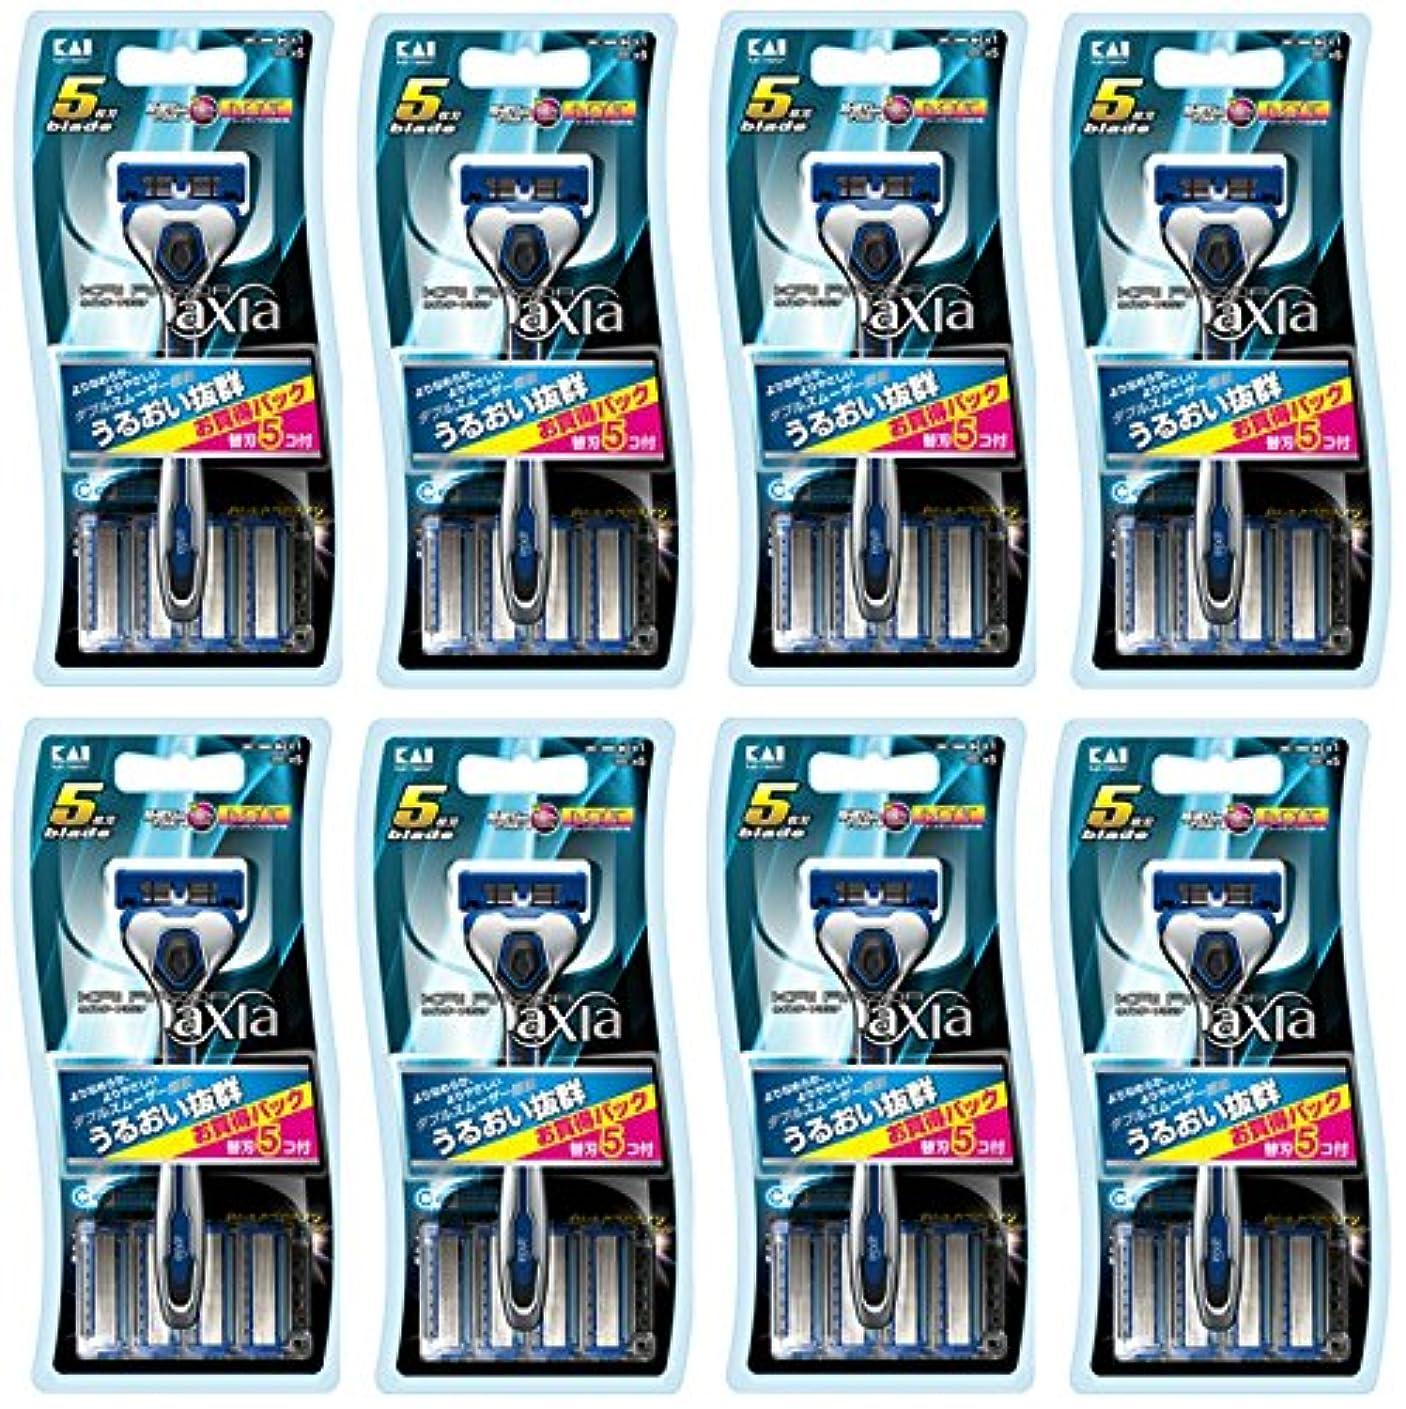 豊かにするスペード一瞬【まとめ買い】KAI RAZOR axia(カイ レザー アクシア) 5枚刃カミソリ コンボパック 5P×8個